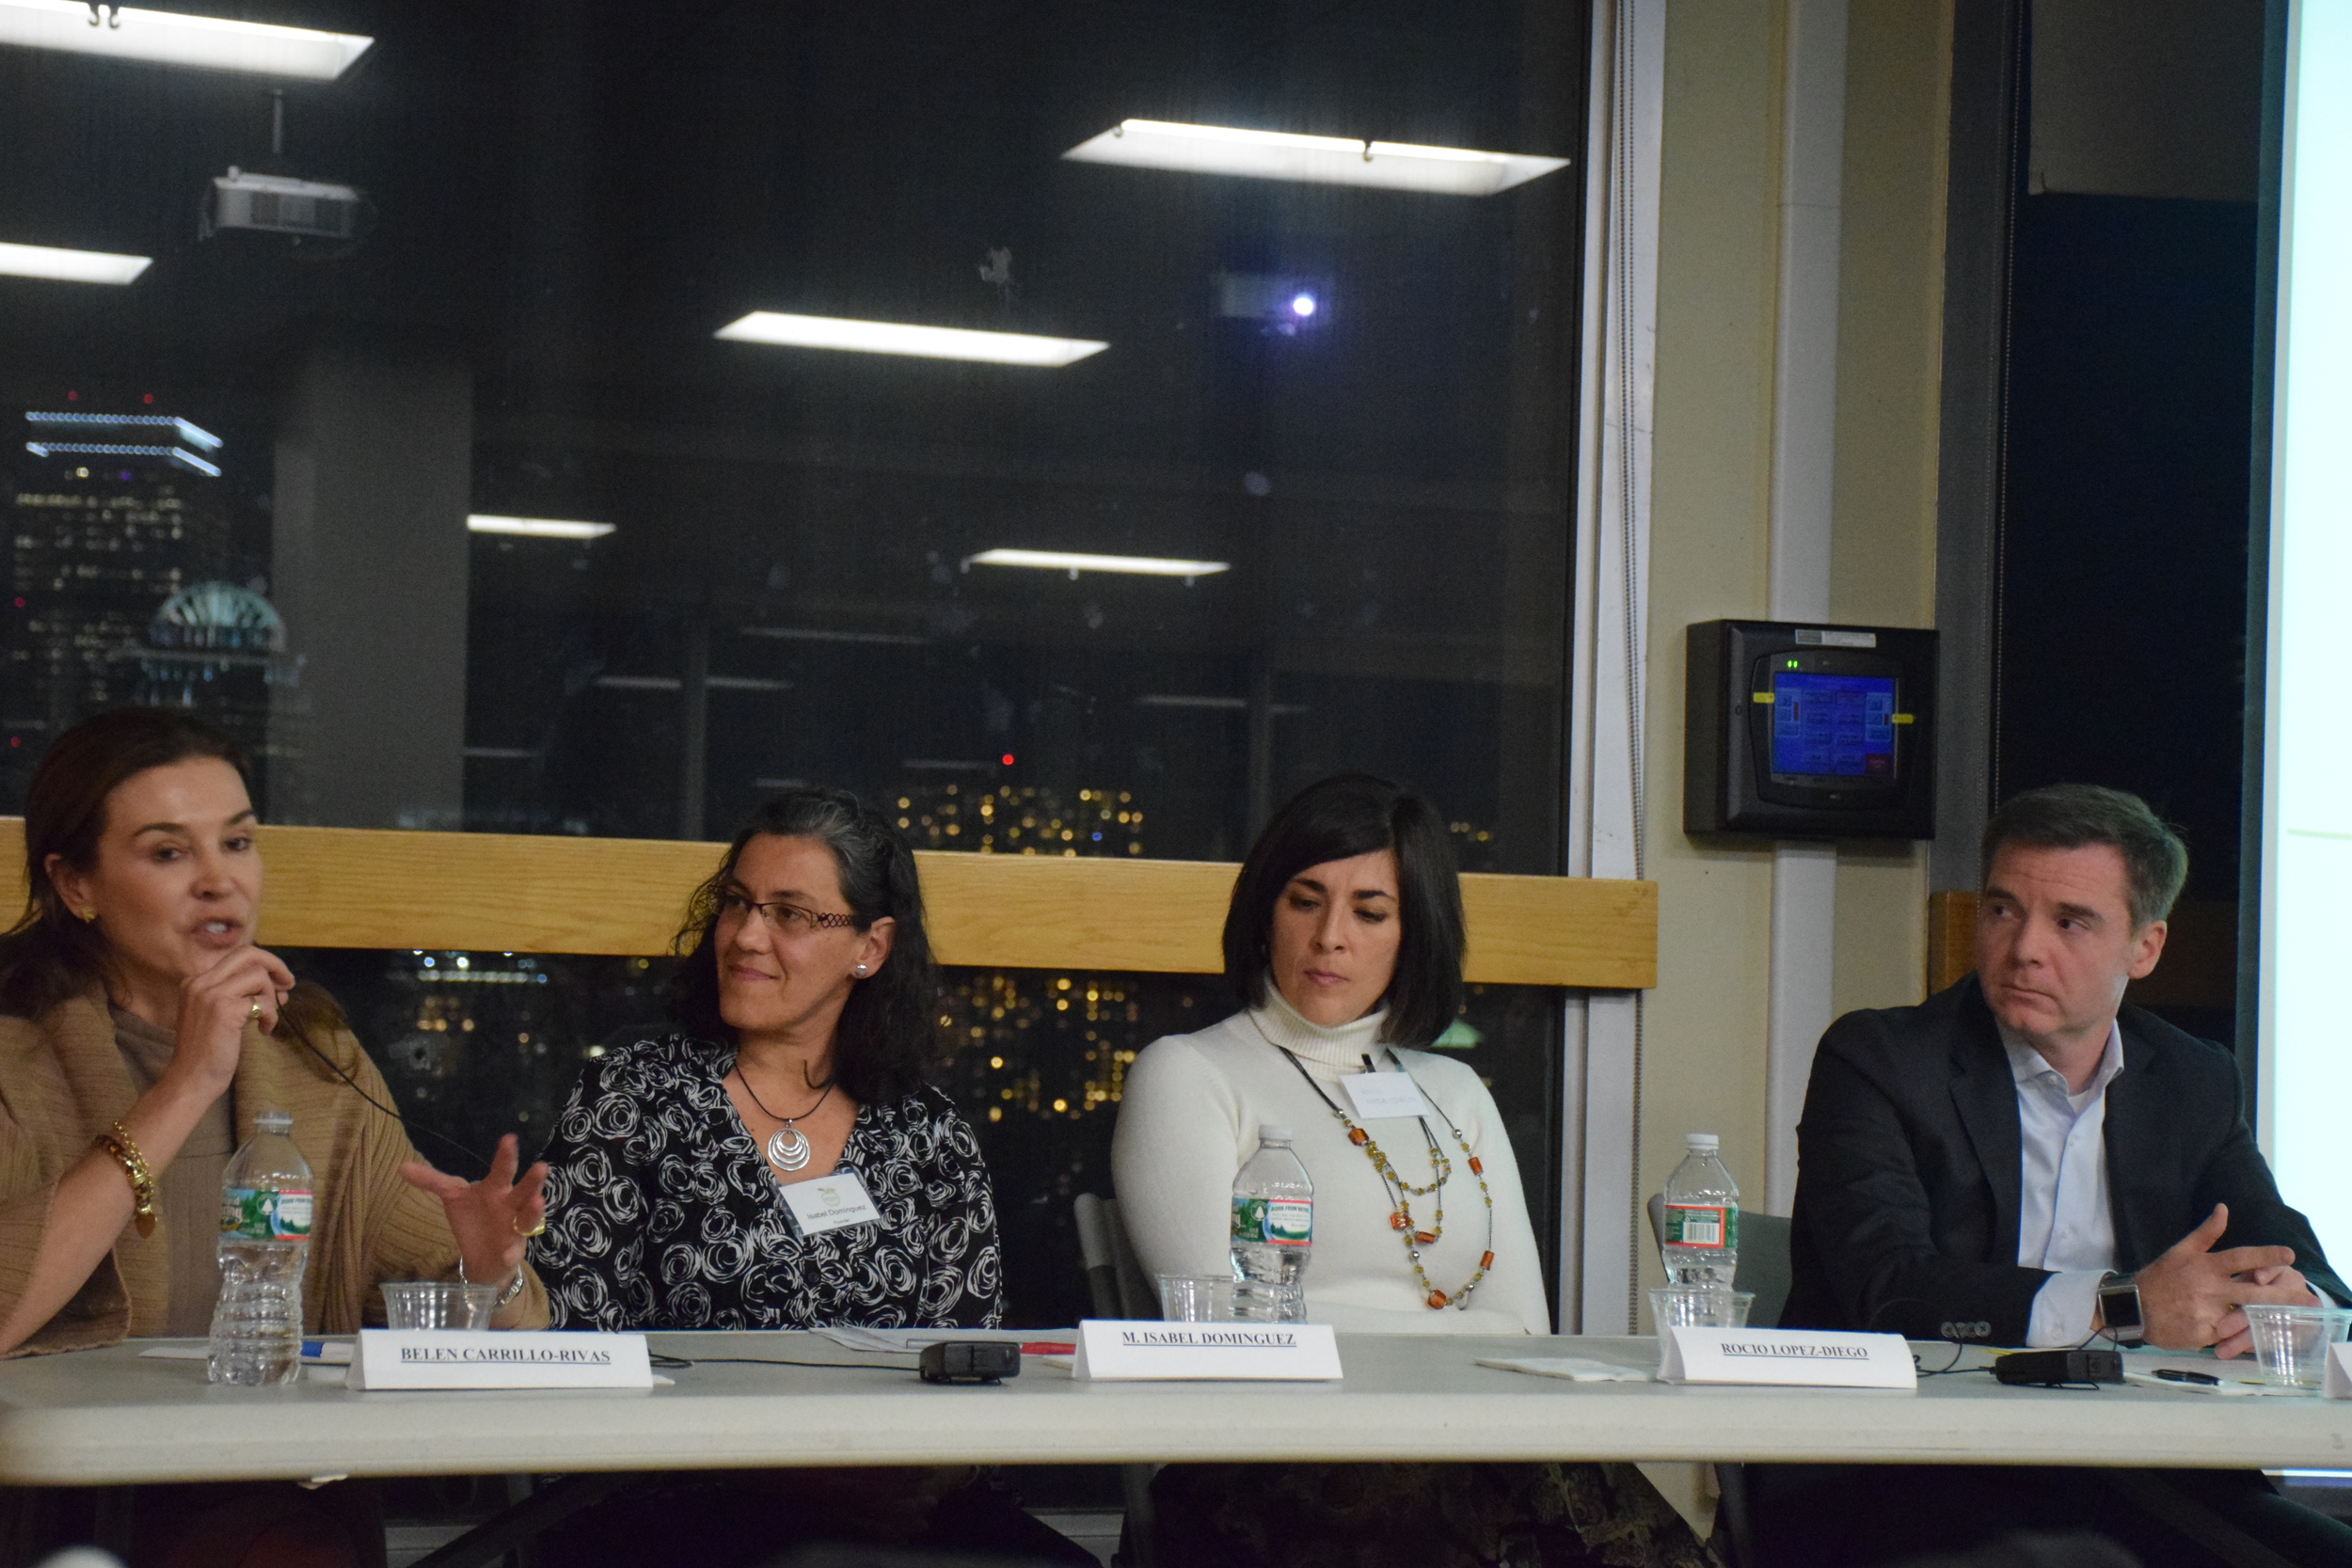 Los panelistas durante el evento. De izquierda a derecha:    Belén Carrillo-Rivas, jefa de proyectos de innovación enPfizer,  Isabel Domínguez, profesora adjunta e investigadora en señalización celular y desarrollo embrionario en la Universidad de Boston,      Rocío López-Diego, directora de Thinkbrain,e   Israel Ruiz, vicepresidente ejecutivo y tesorero del Instituto Tecnologico de Massachusetts (MIT).